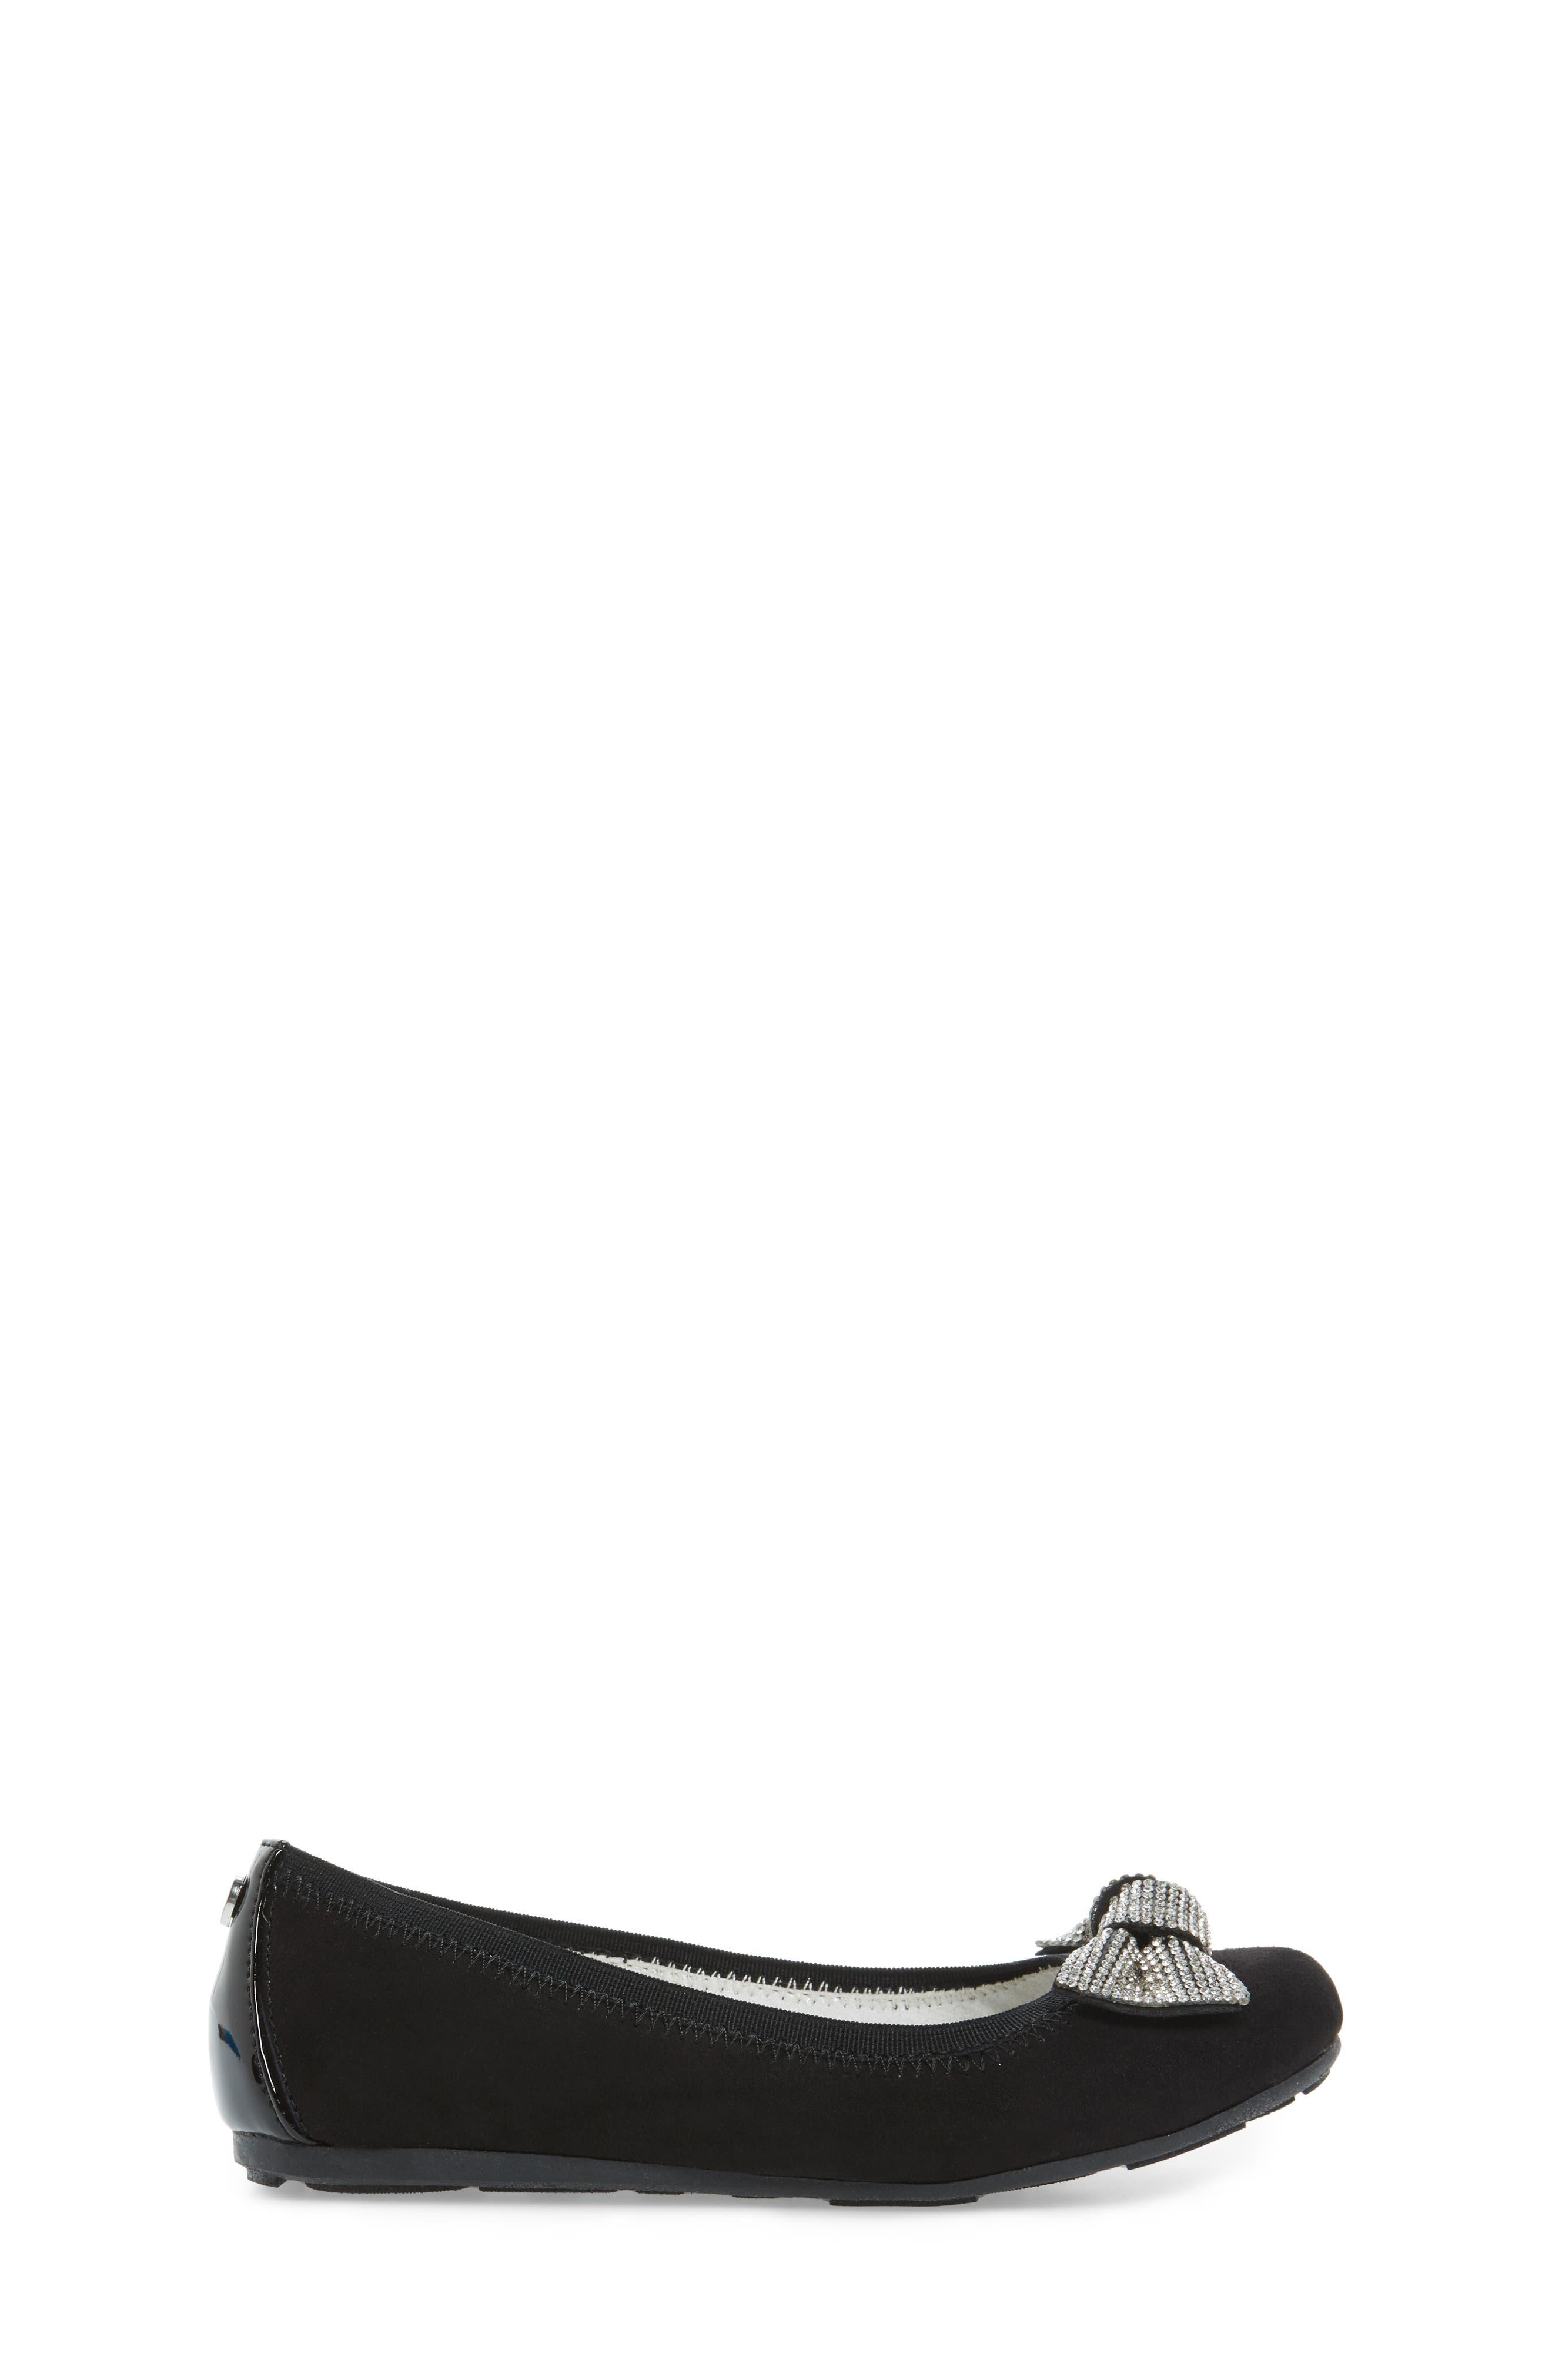 Fannie Glitz Ballet Flat,                             Alternate thumbnail 2, color,                             Black Faux Leather